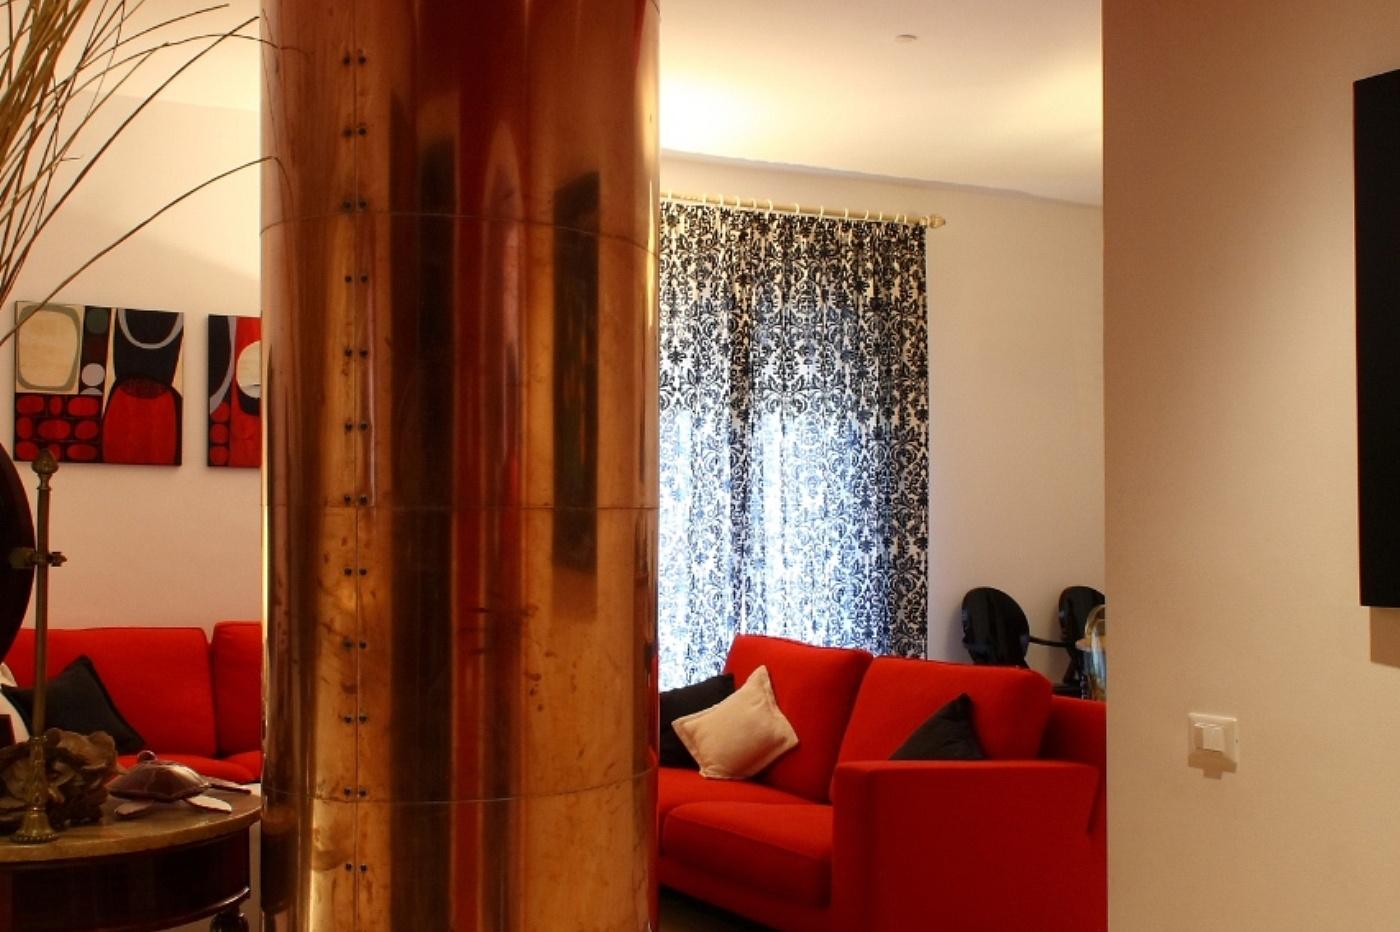 Tomasello benedetta tomasello benedetta arch di salvo for Interior design appartamenti